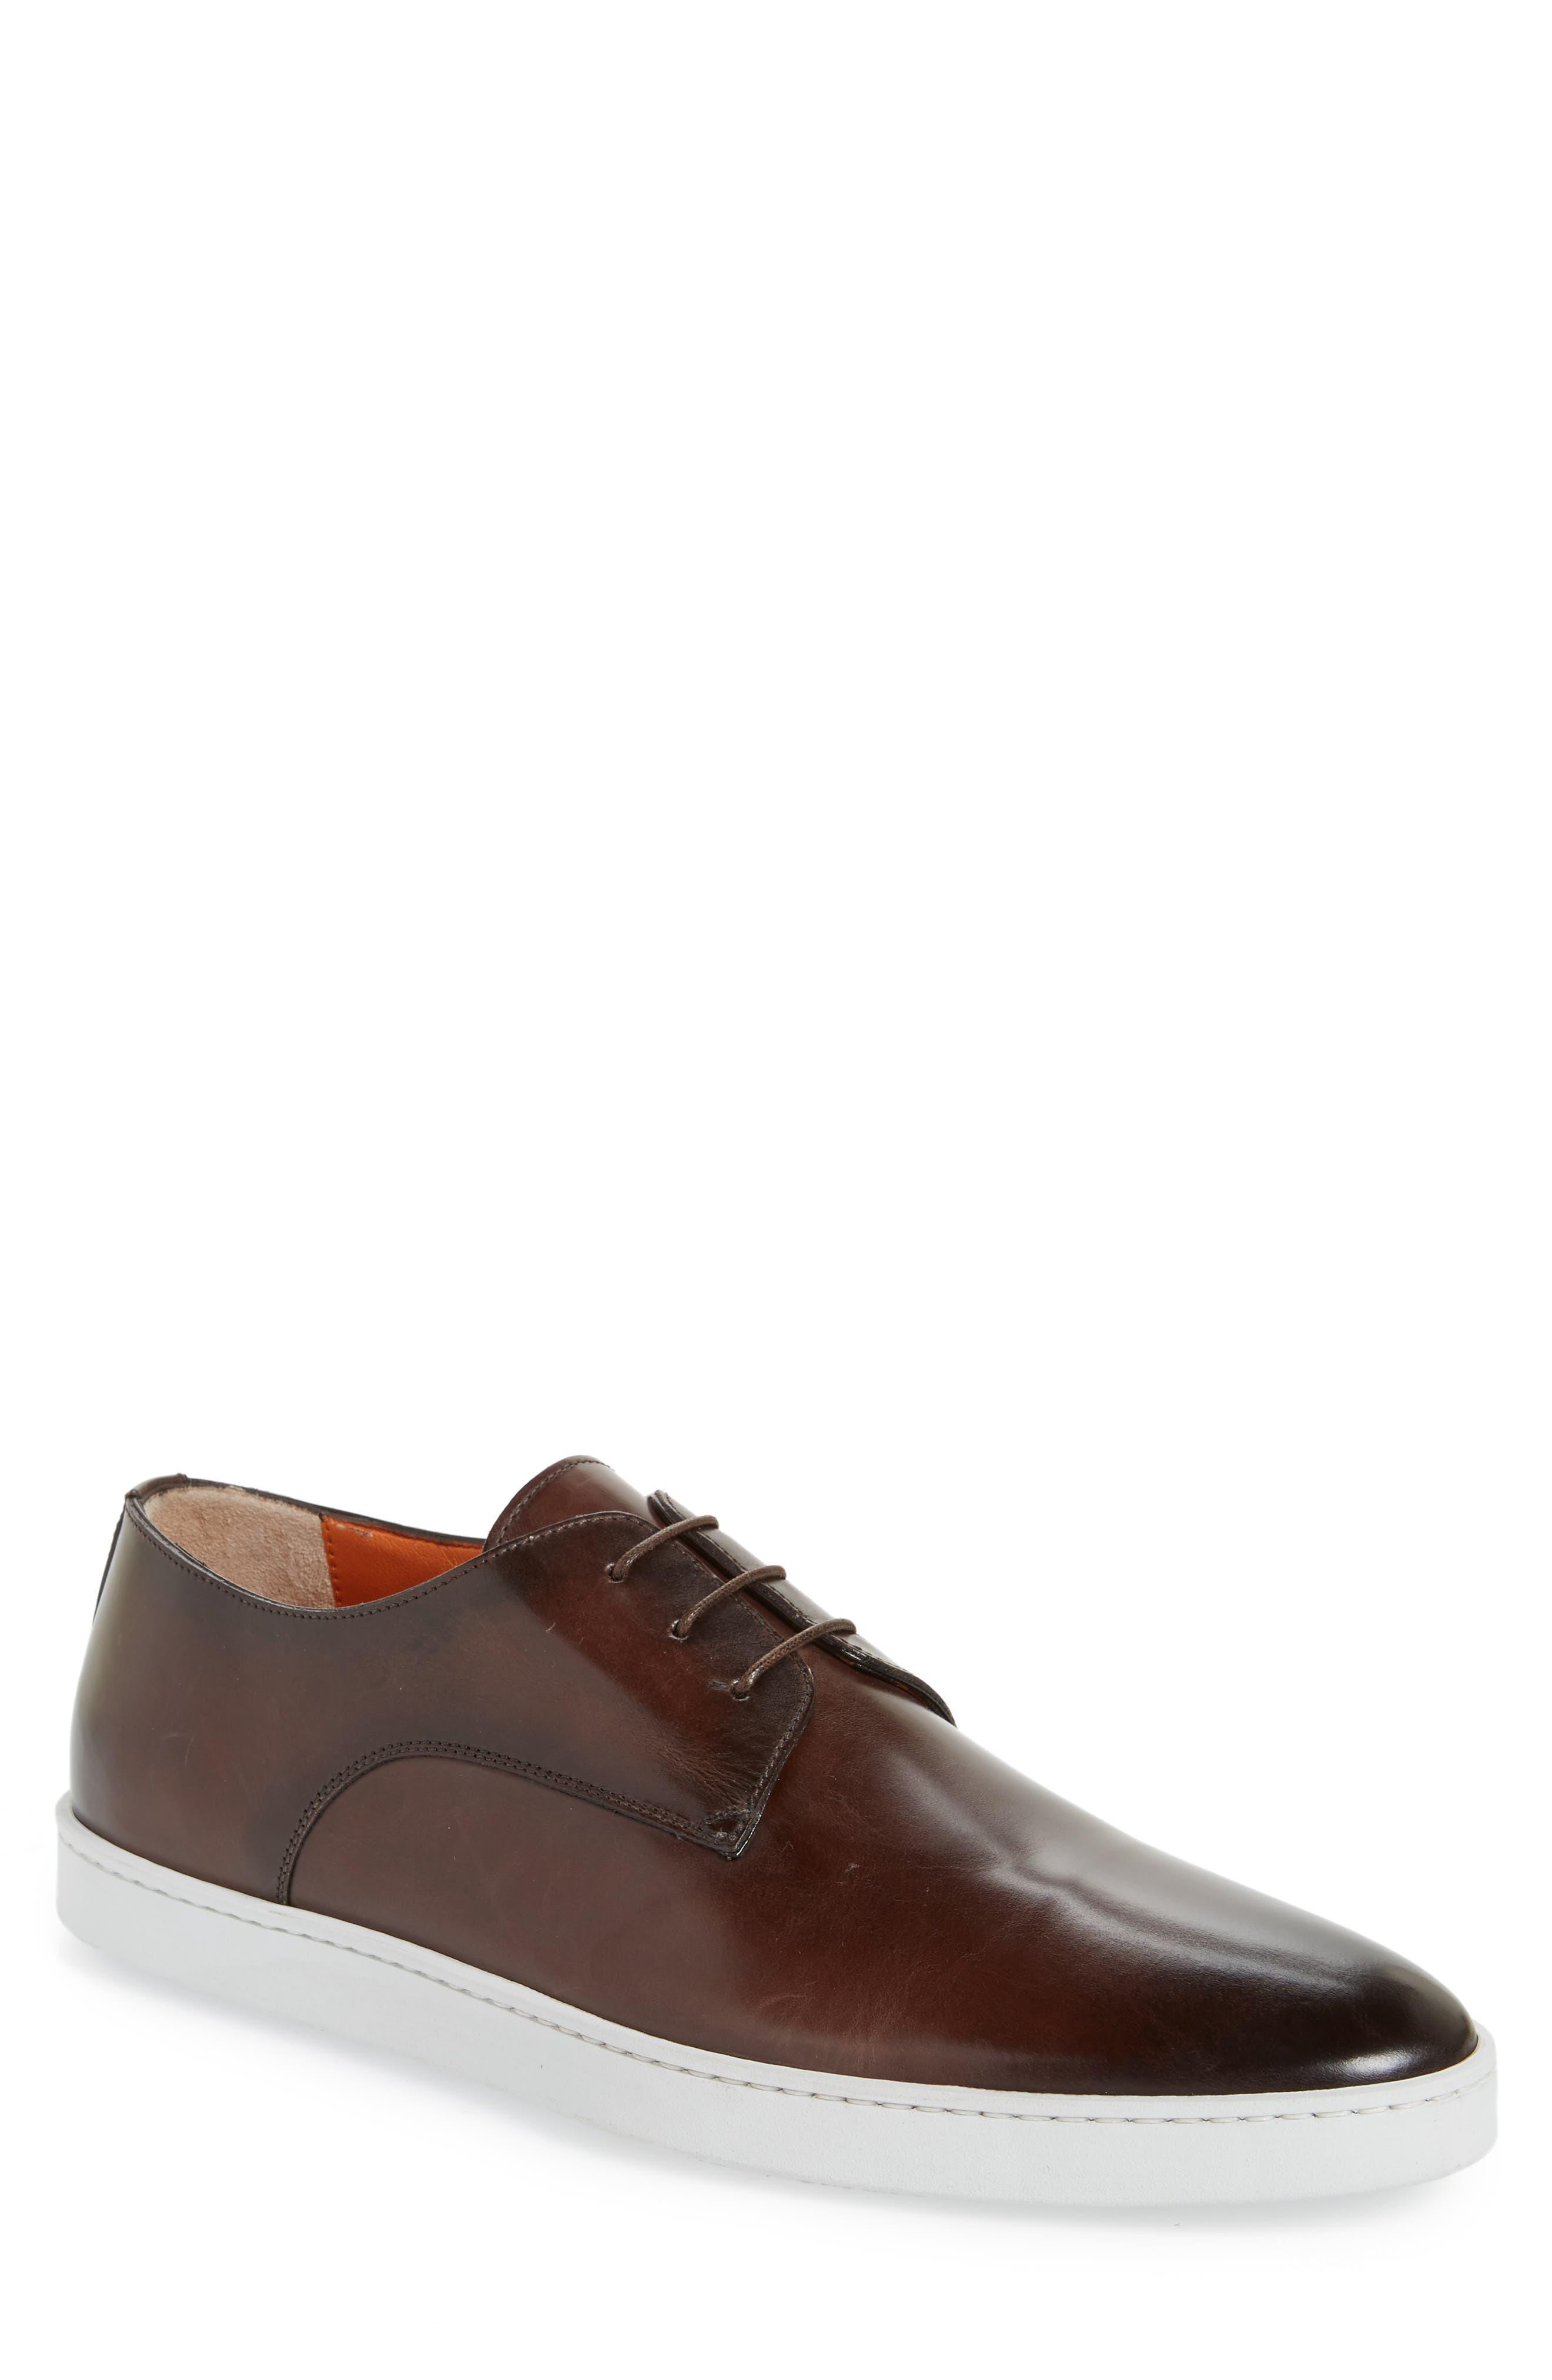 Doyle Plain Toe Derby,                         Main,                         color, Brown